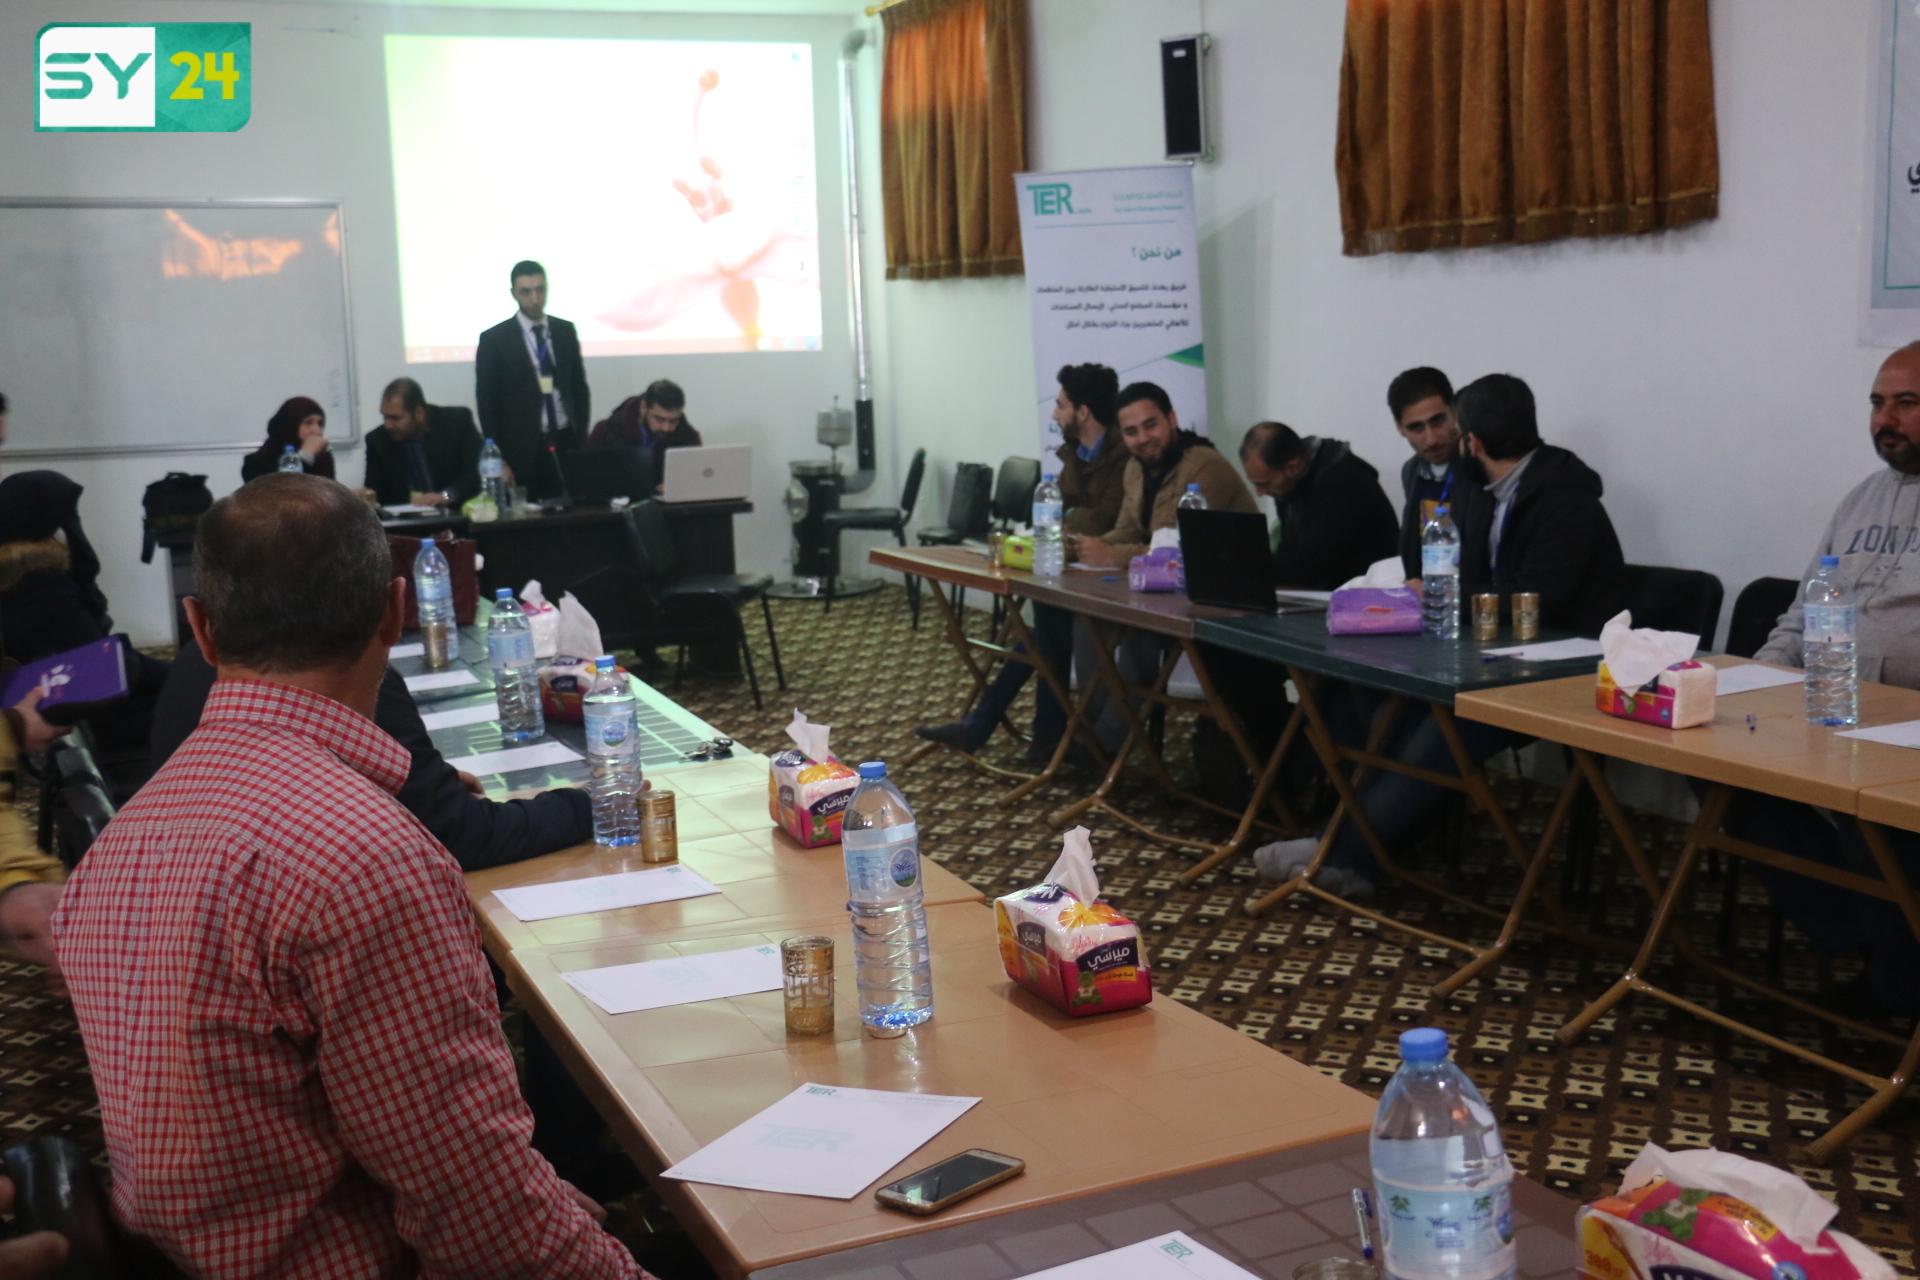 ضم المؤتمر المنظمات الداعمة ومؤسسات المجتمع المدني في ريف حلب